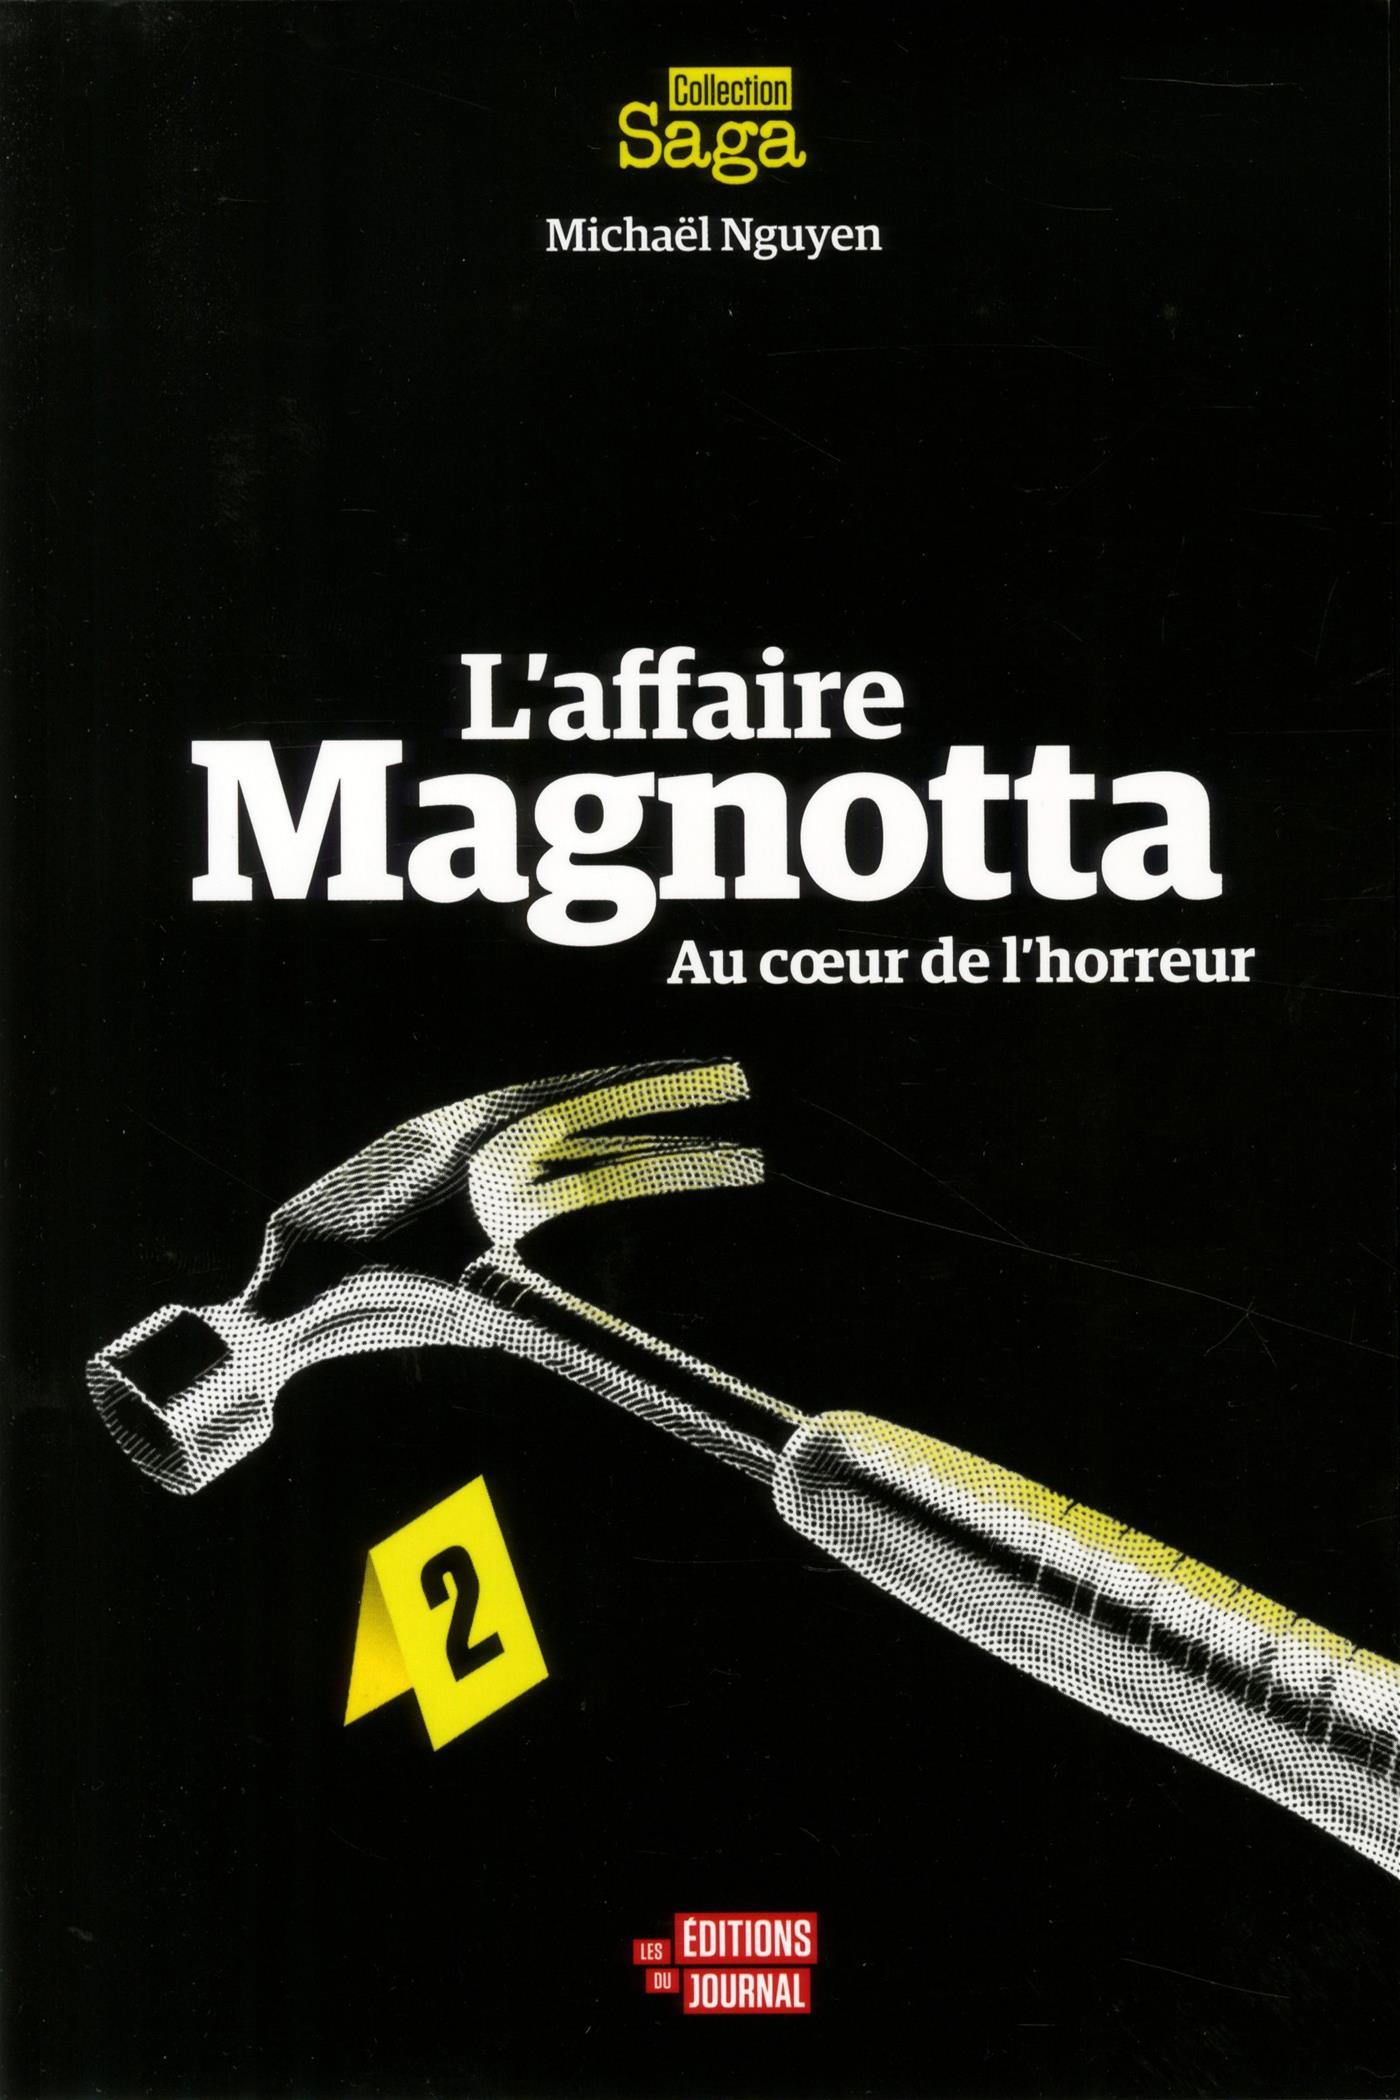 L'affaire Magnotta